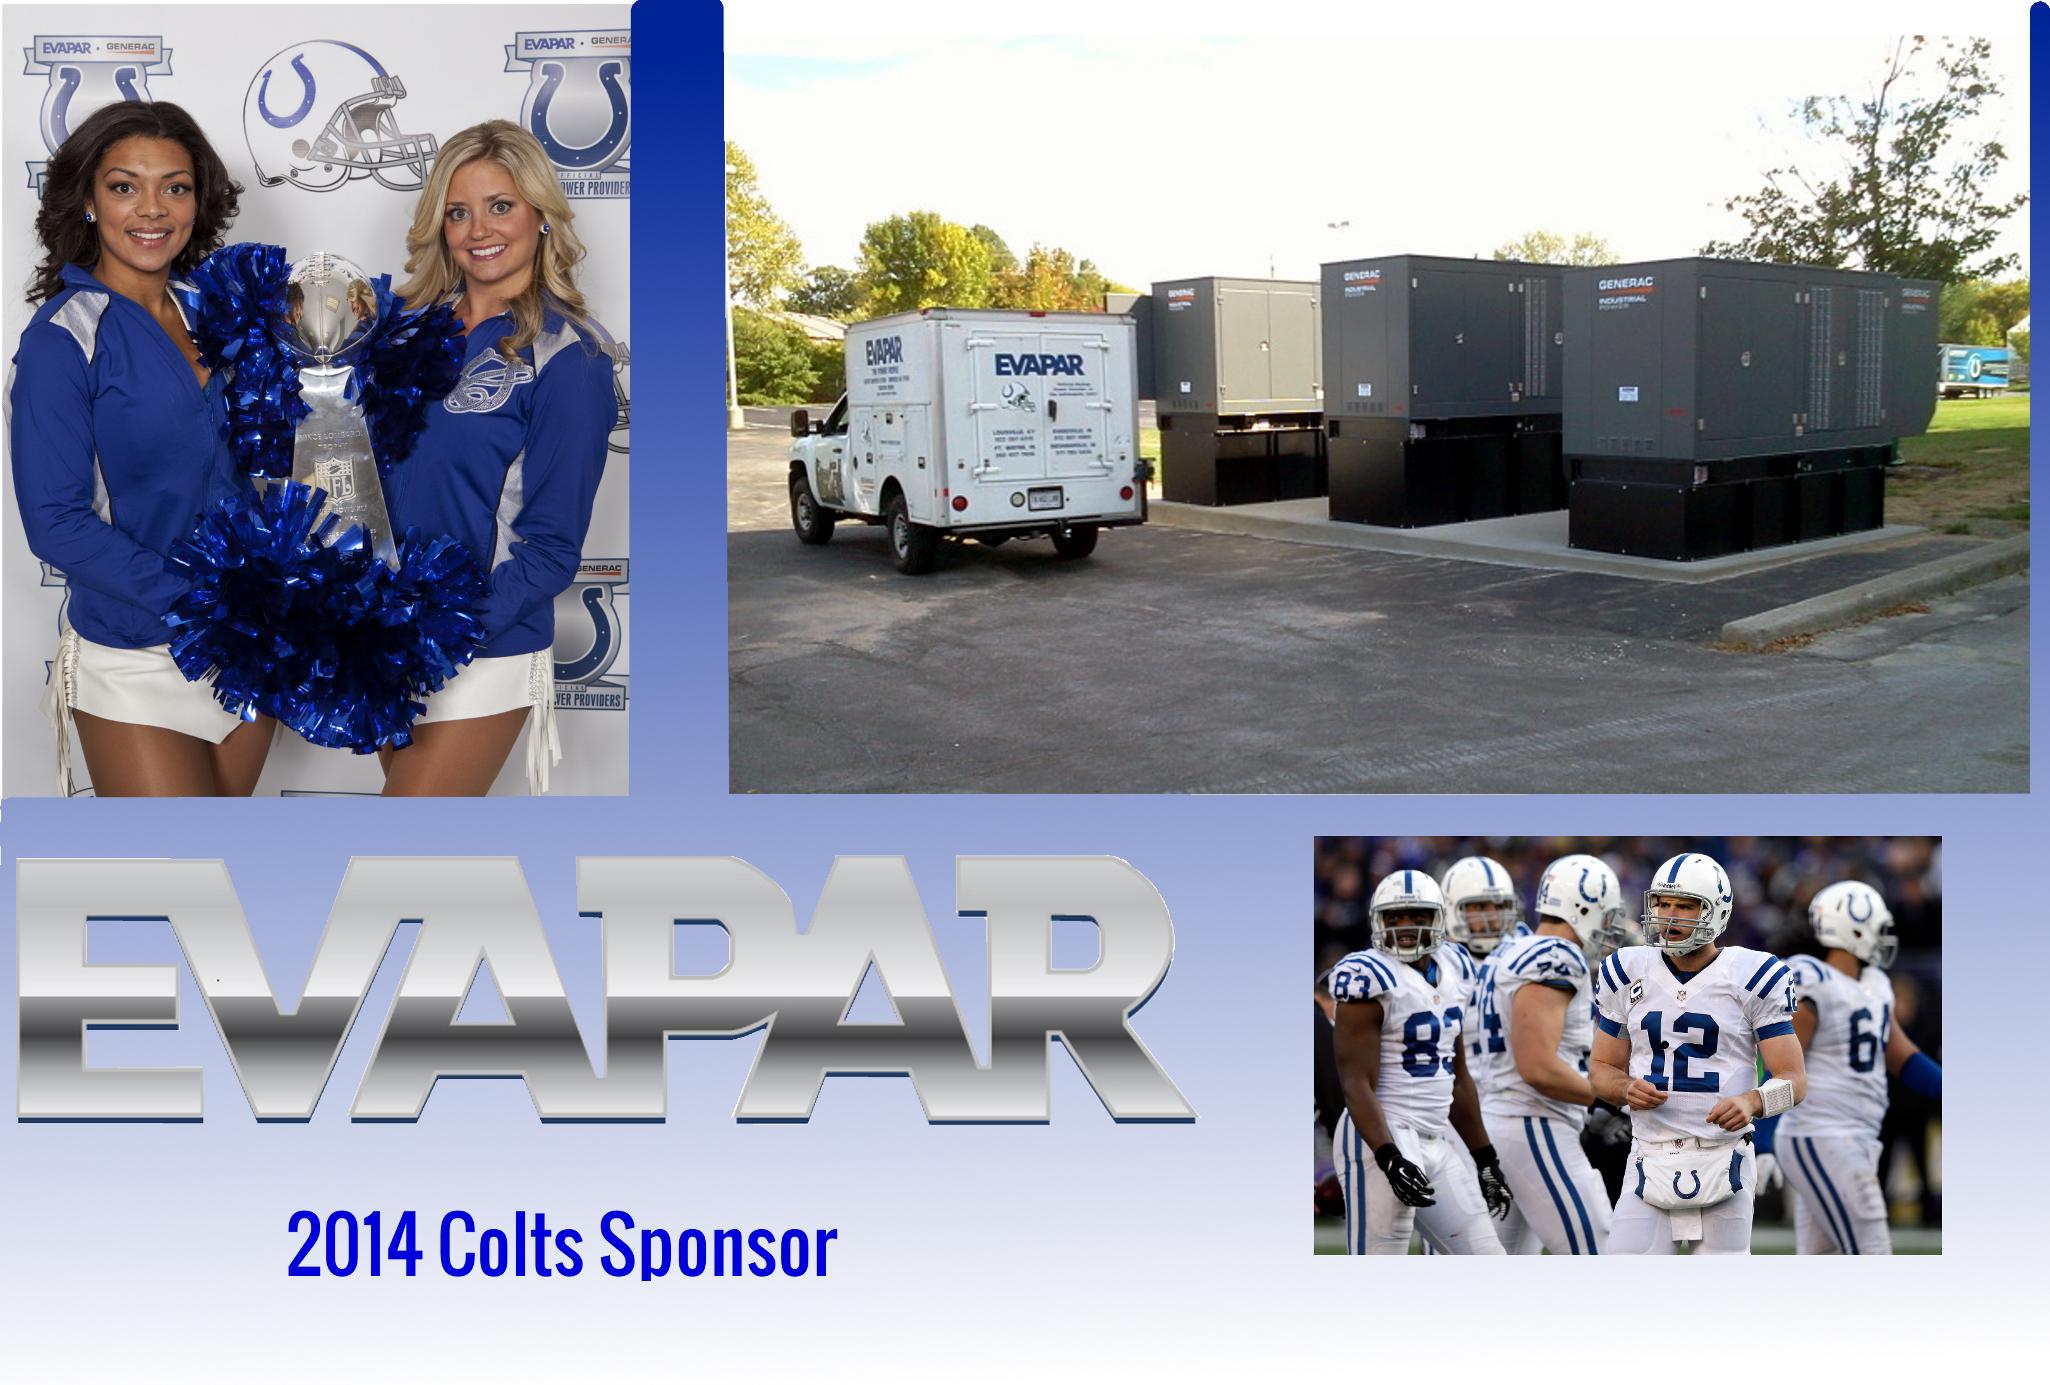 EVAPAR is an Indianapolis Colt's Sponsor for 2014